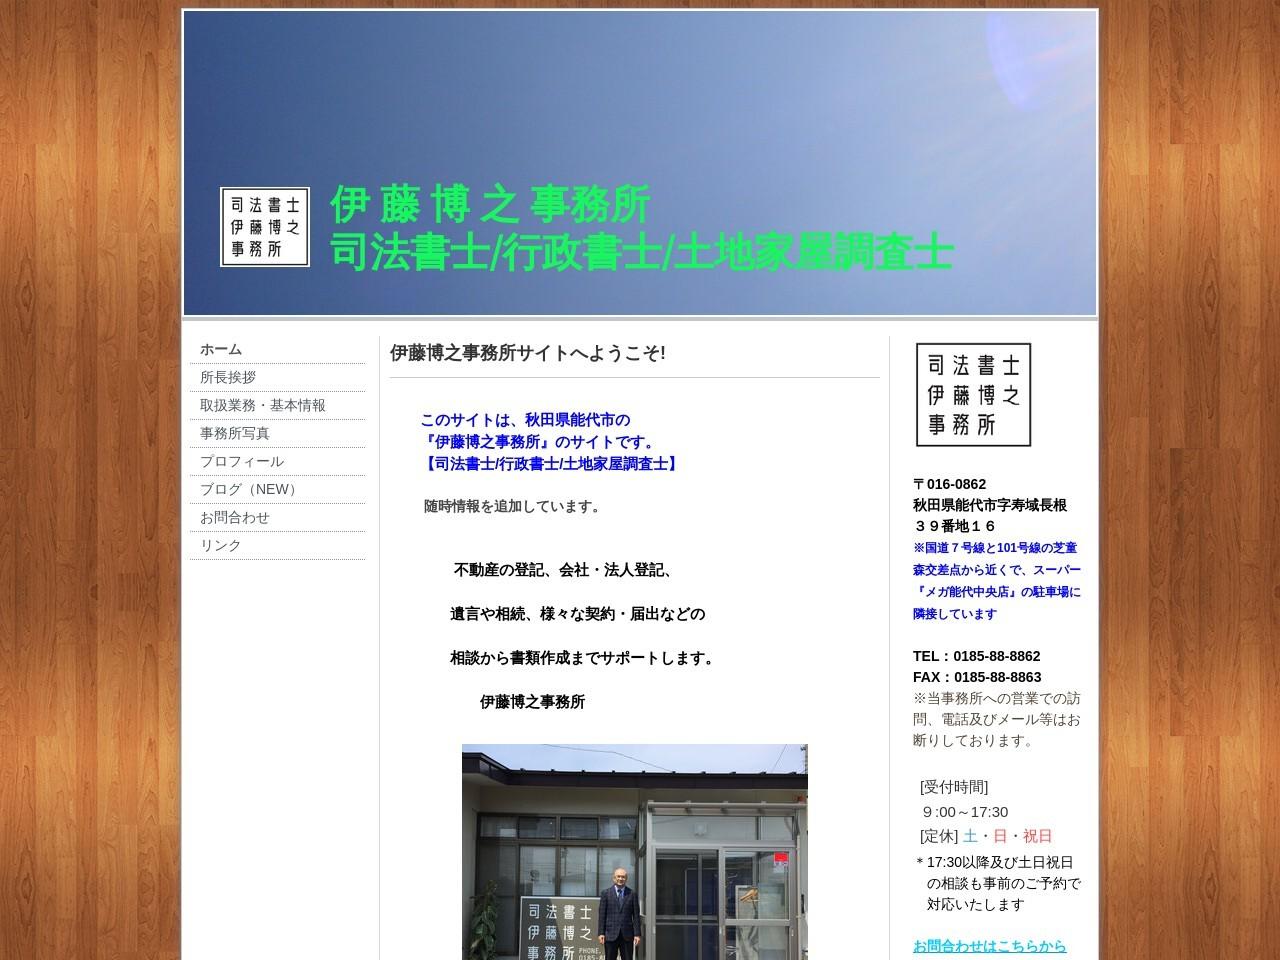 伊藤博之司法書士事務所